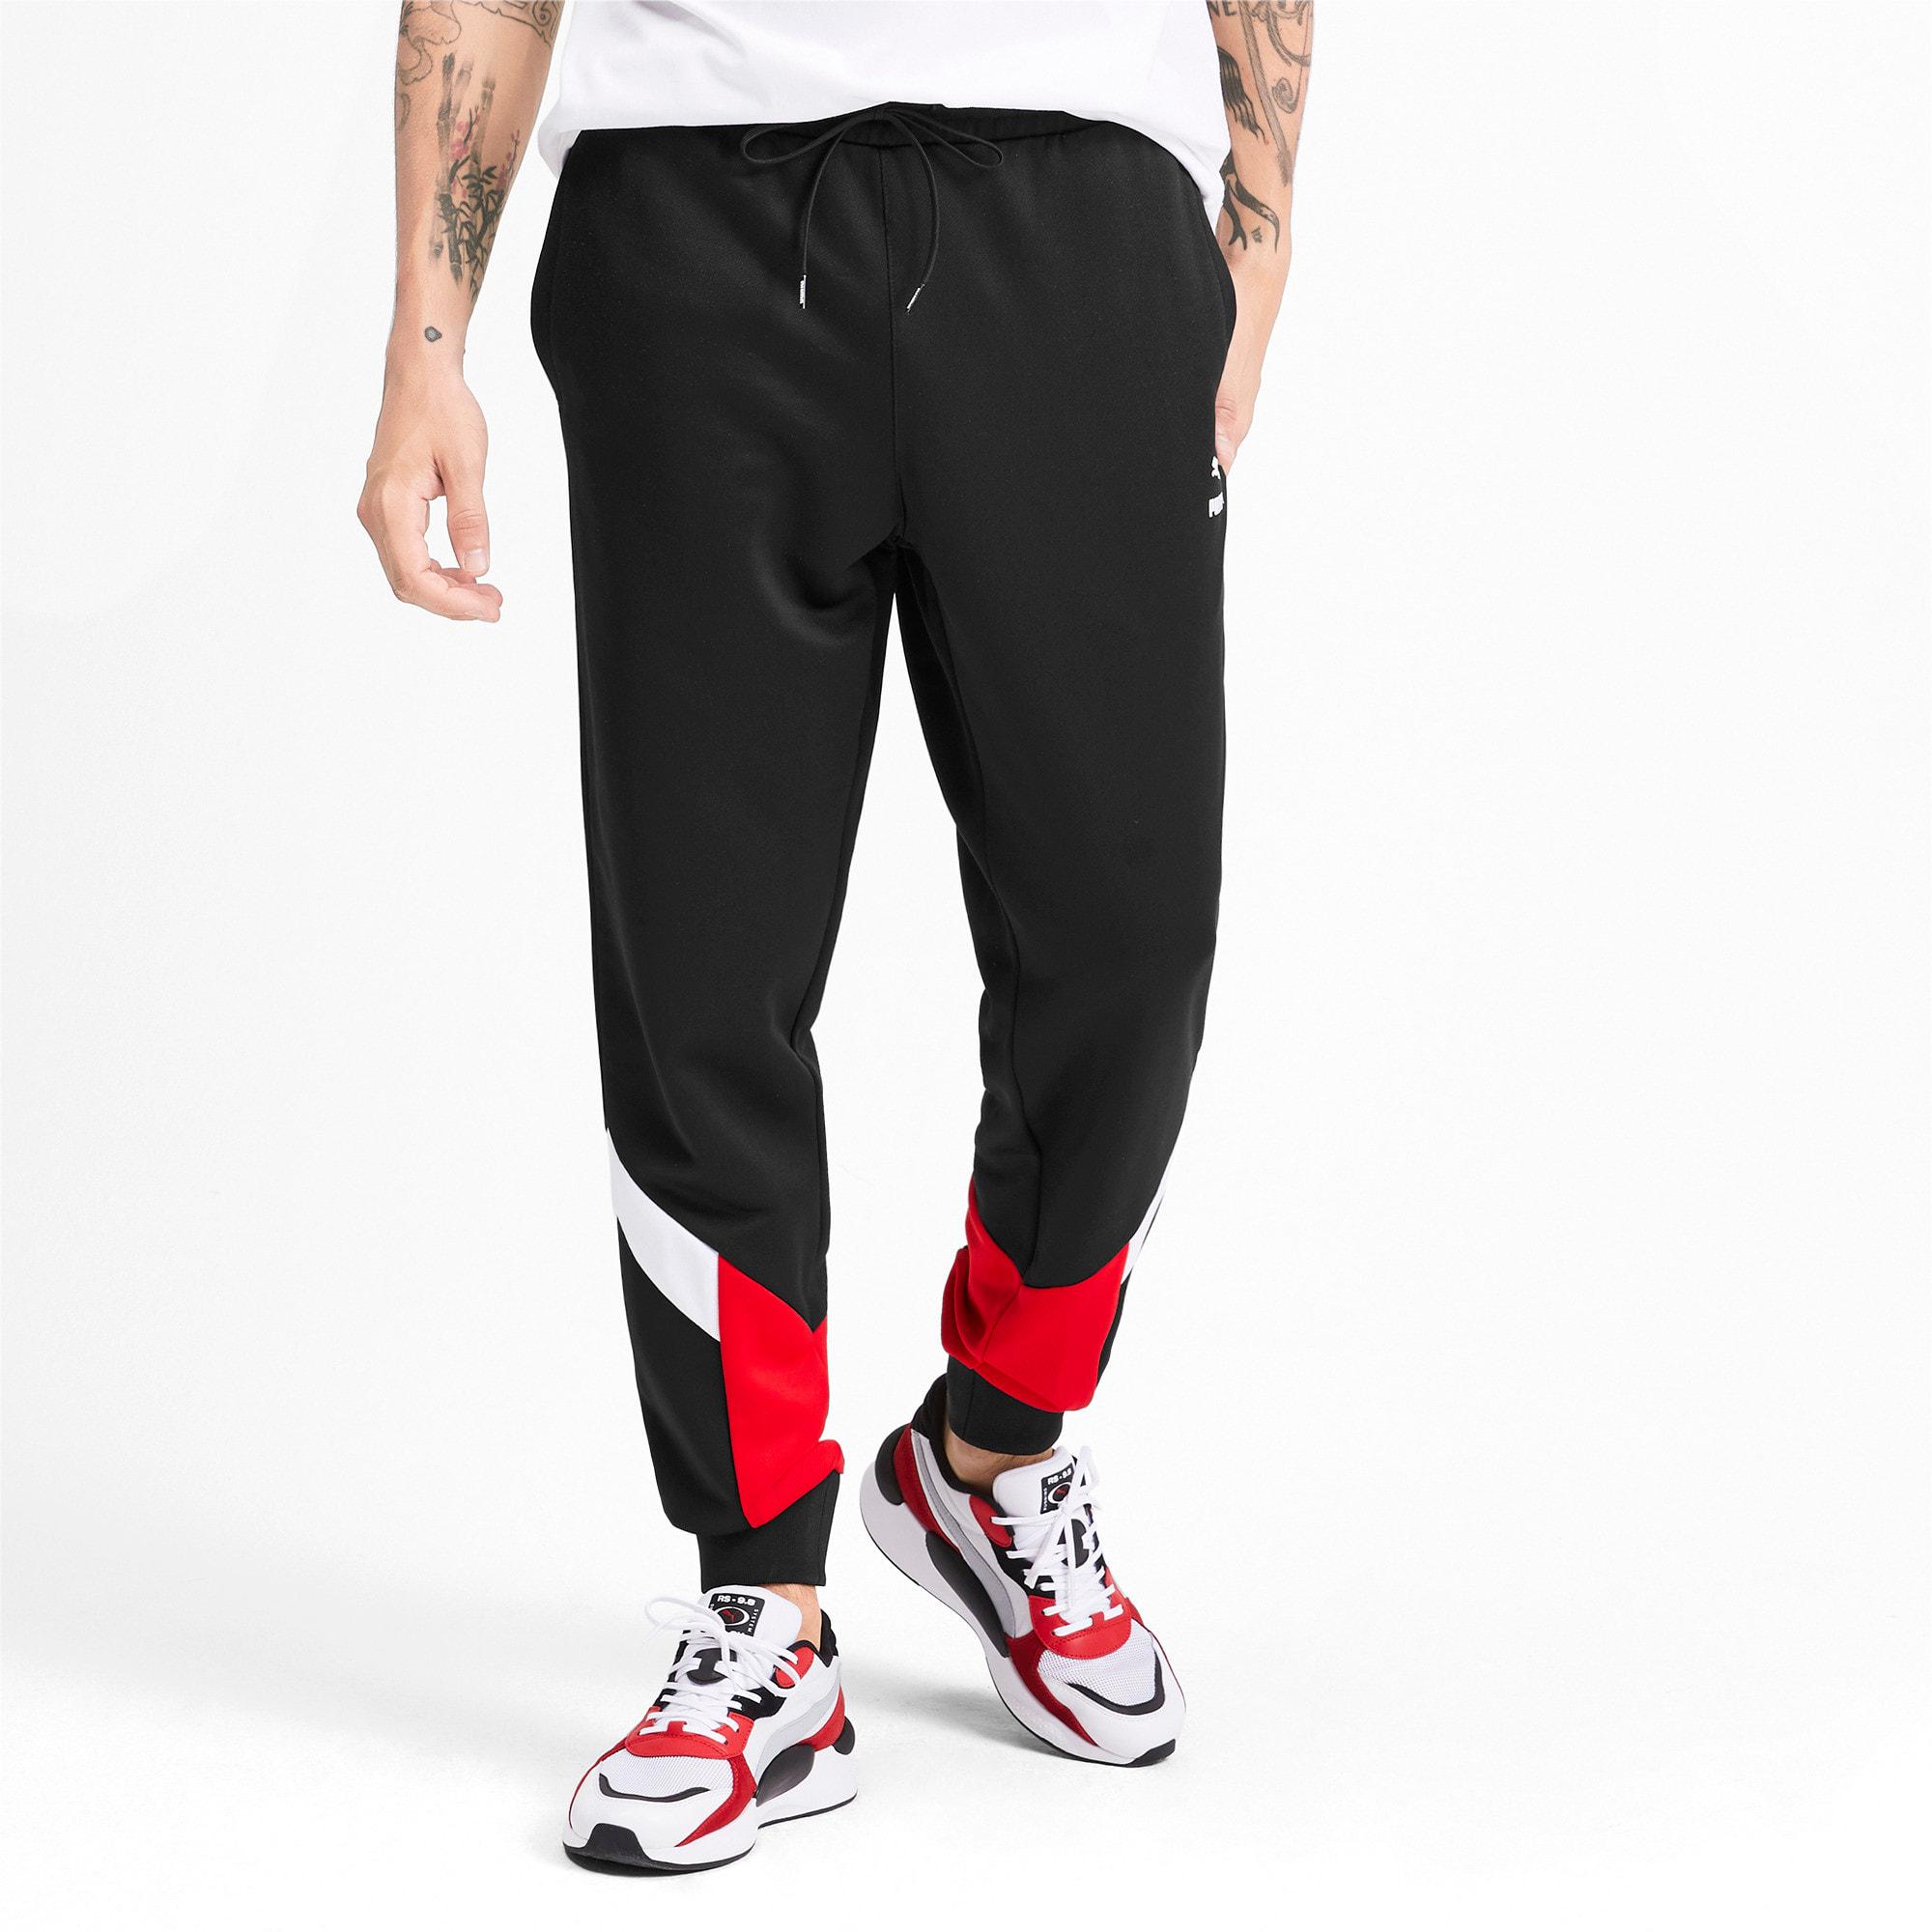 Thumbnail 1 of Iconic MCS Men's Track Pants, Puma Black-Red combo, medium